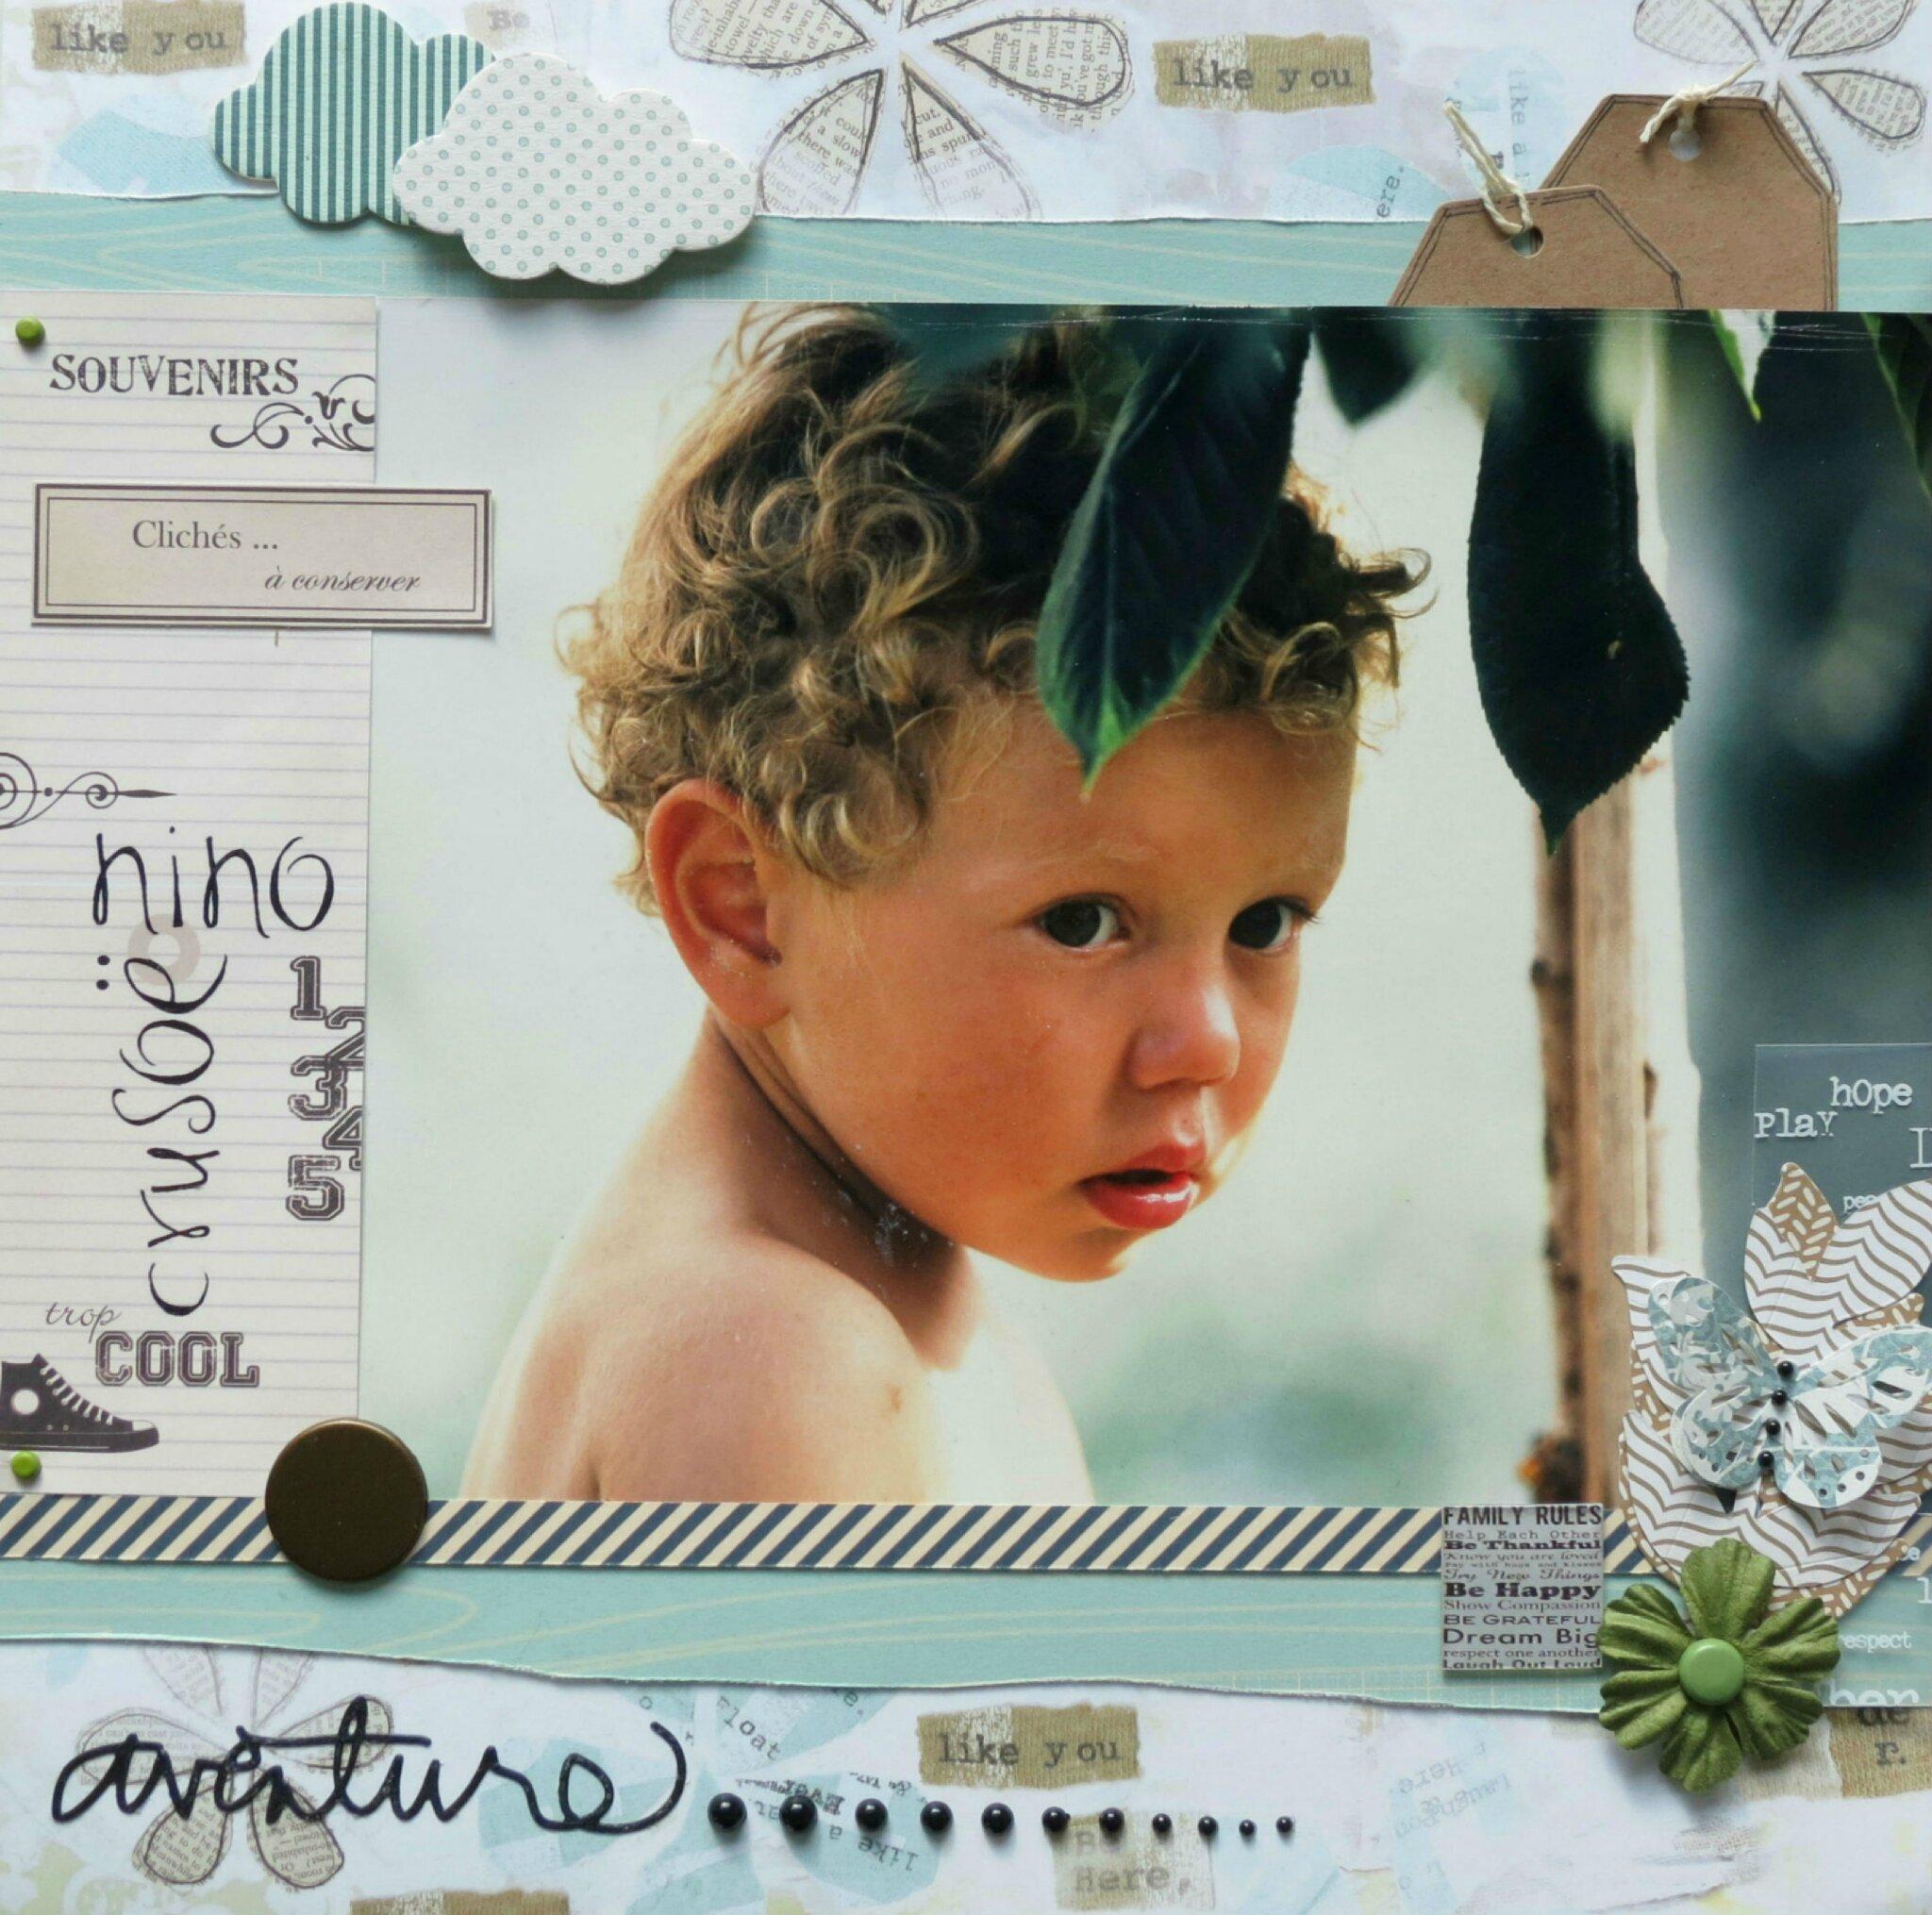 Nino Crusoe